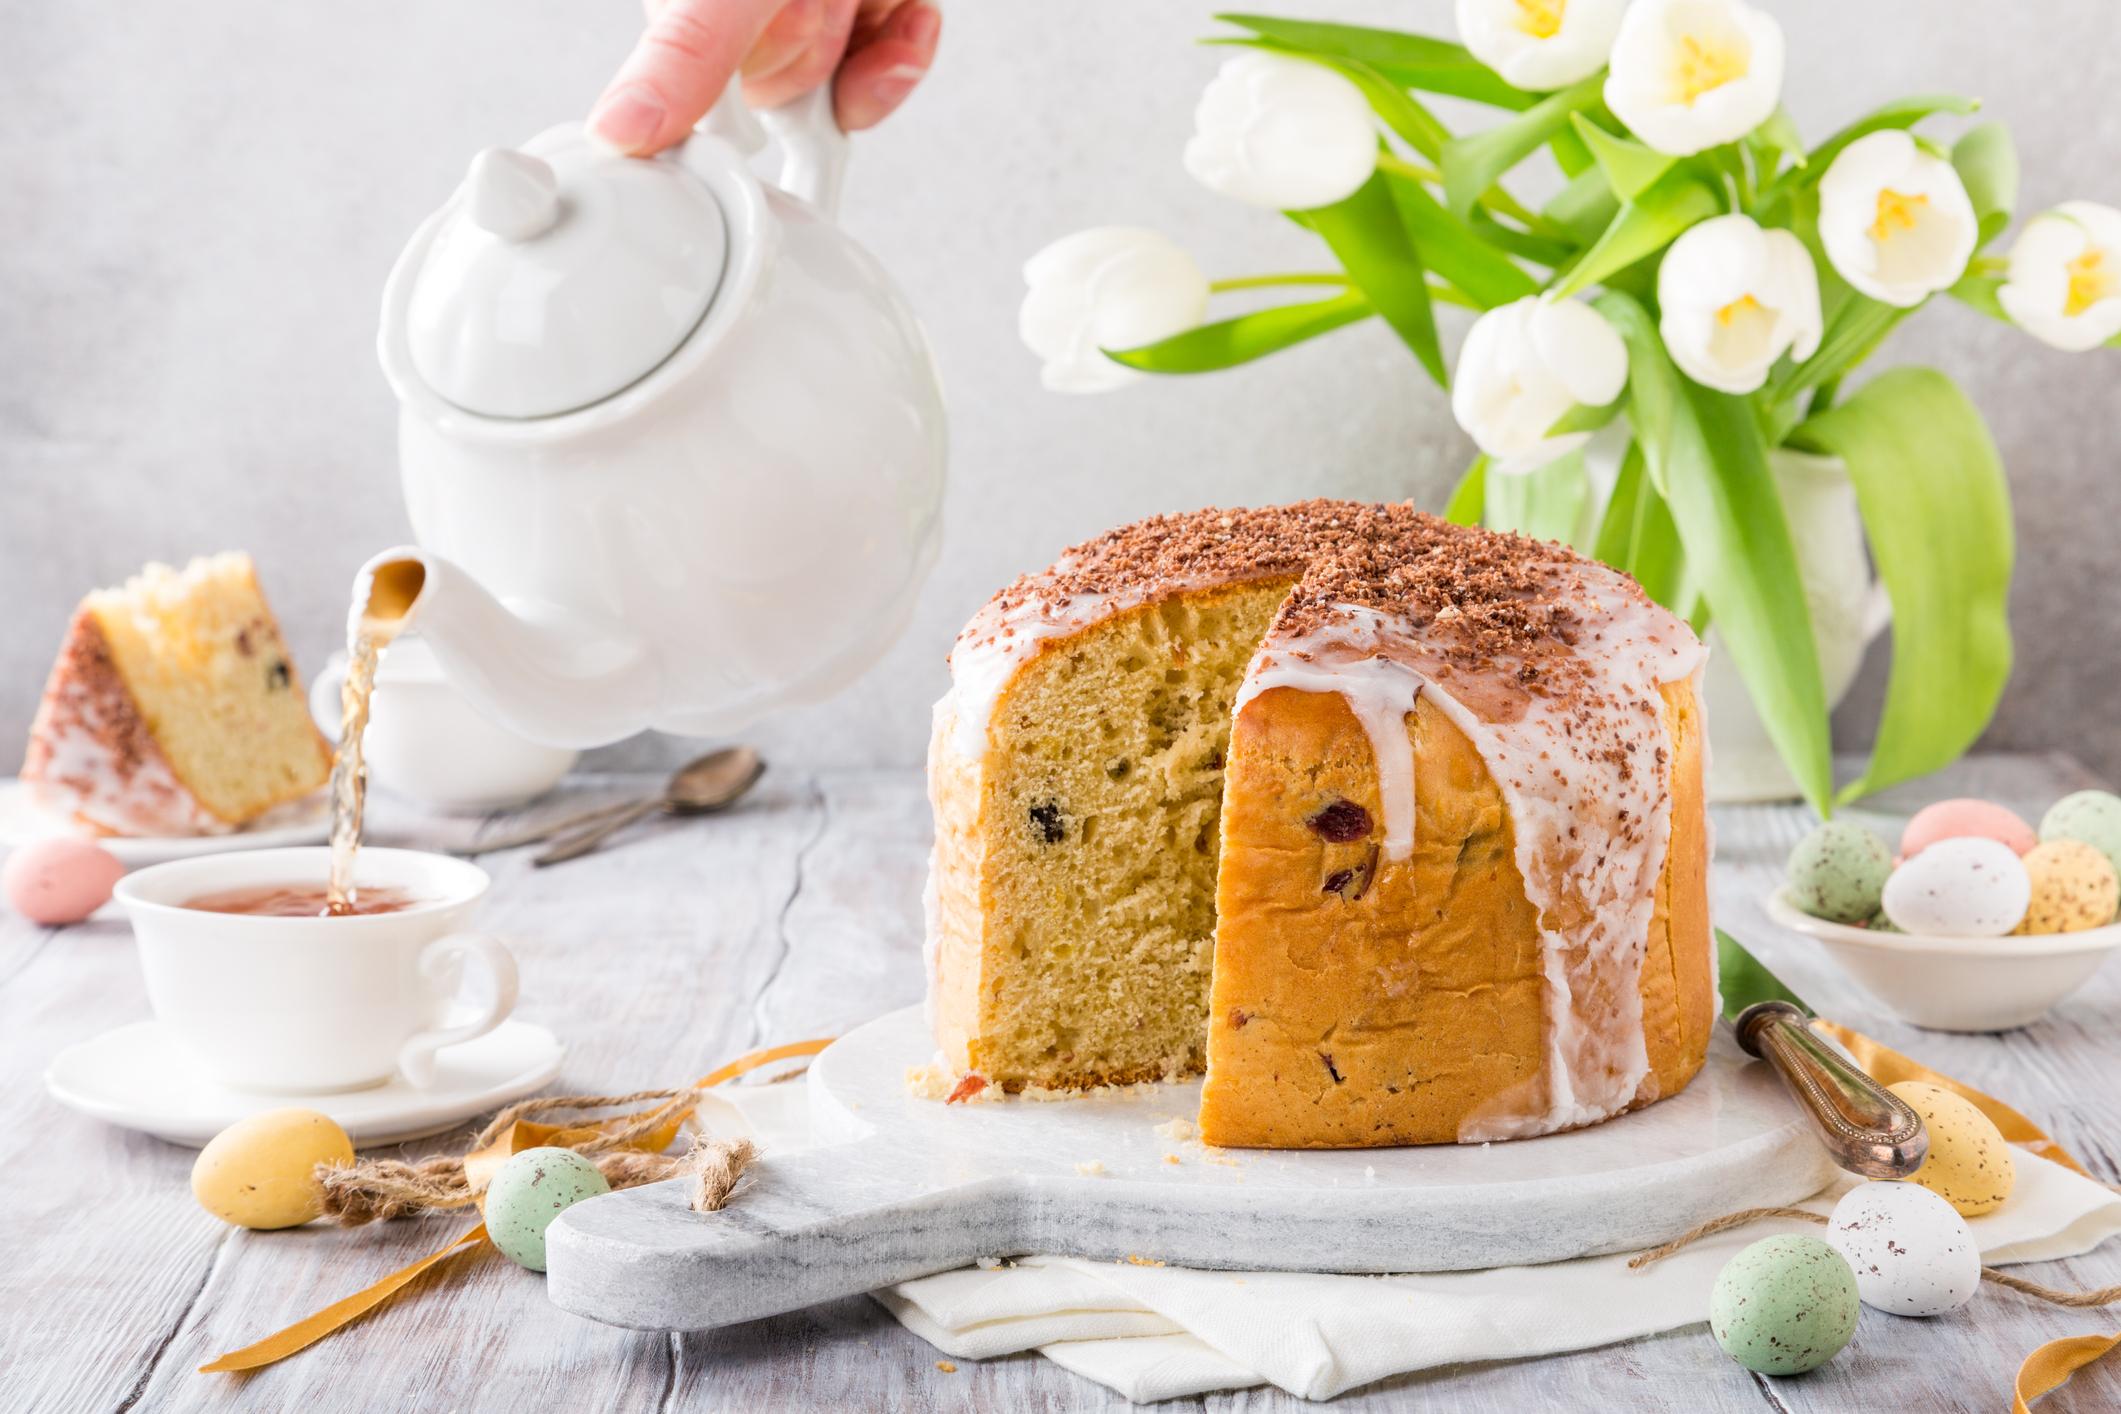 Pinca, sirnica ili slatka pogača simbol je uskršnjeg stola, a njezin izostanak ili zamjena kruhom smatra se velikim propustom... Nemojte da se dogodi i vama!